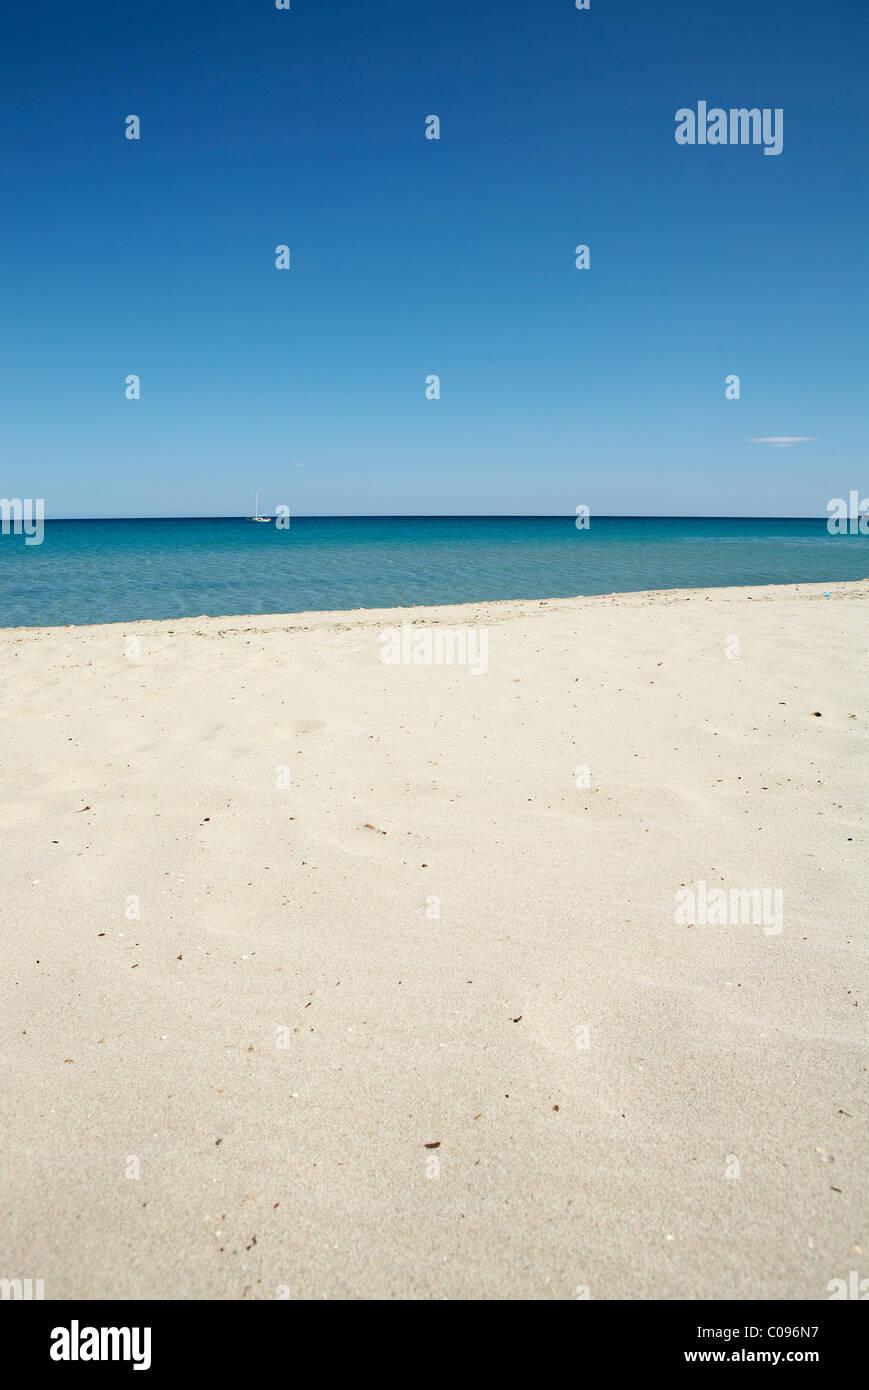 Beach, horizon - Stock Image